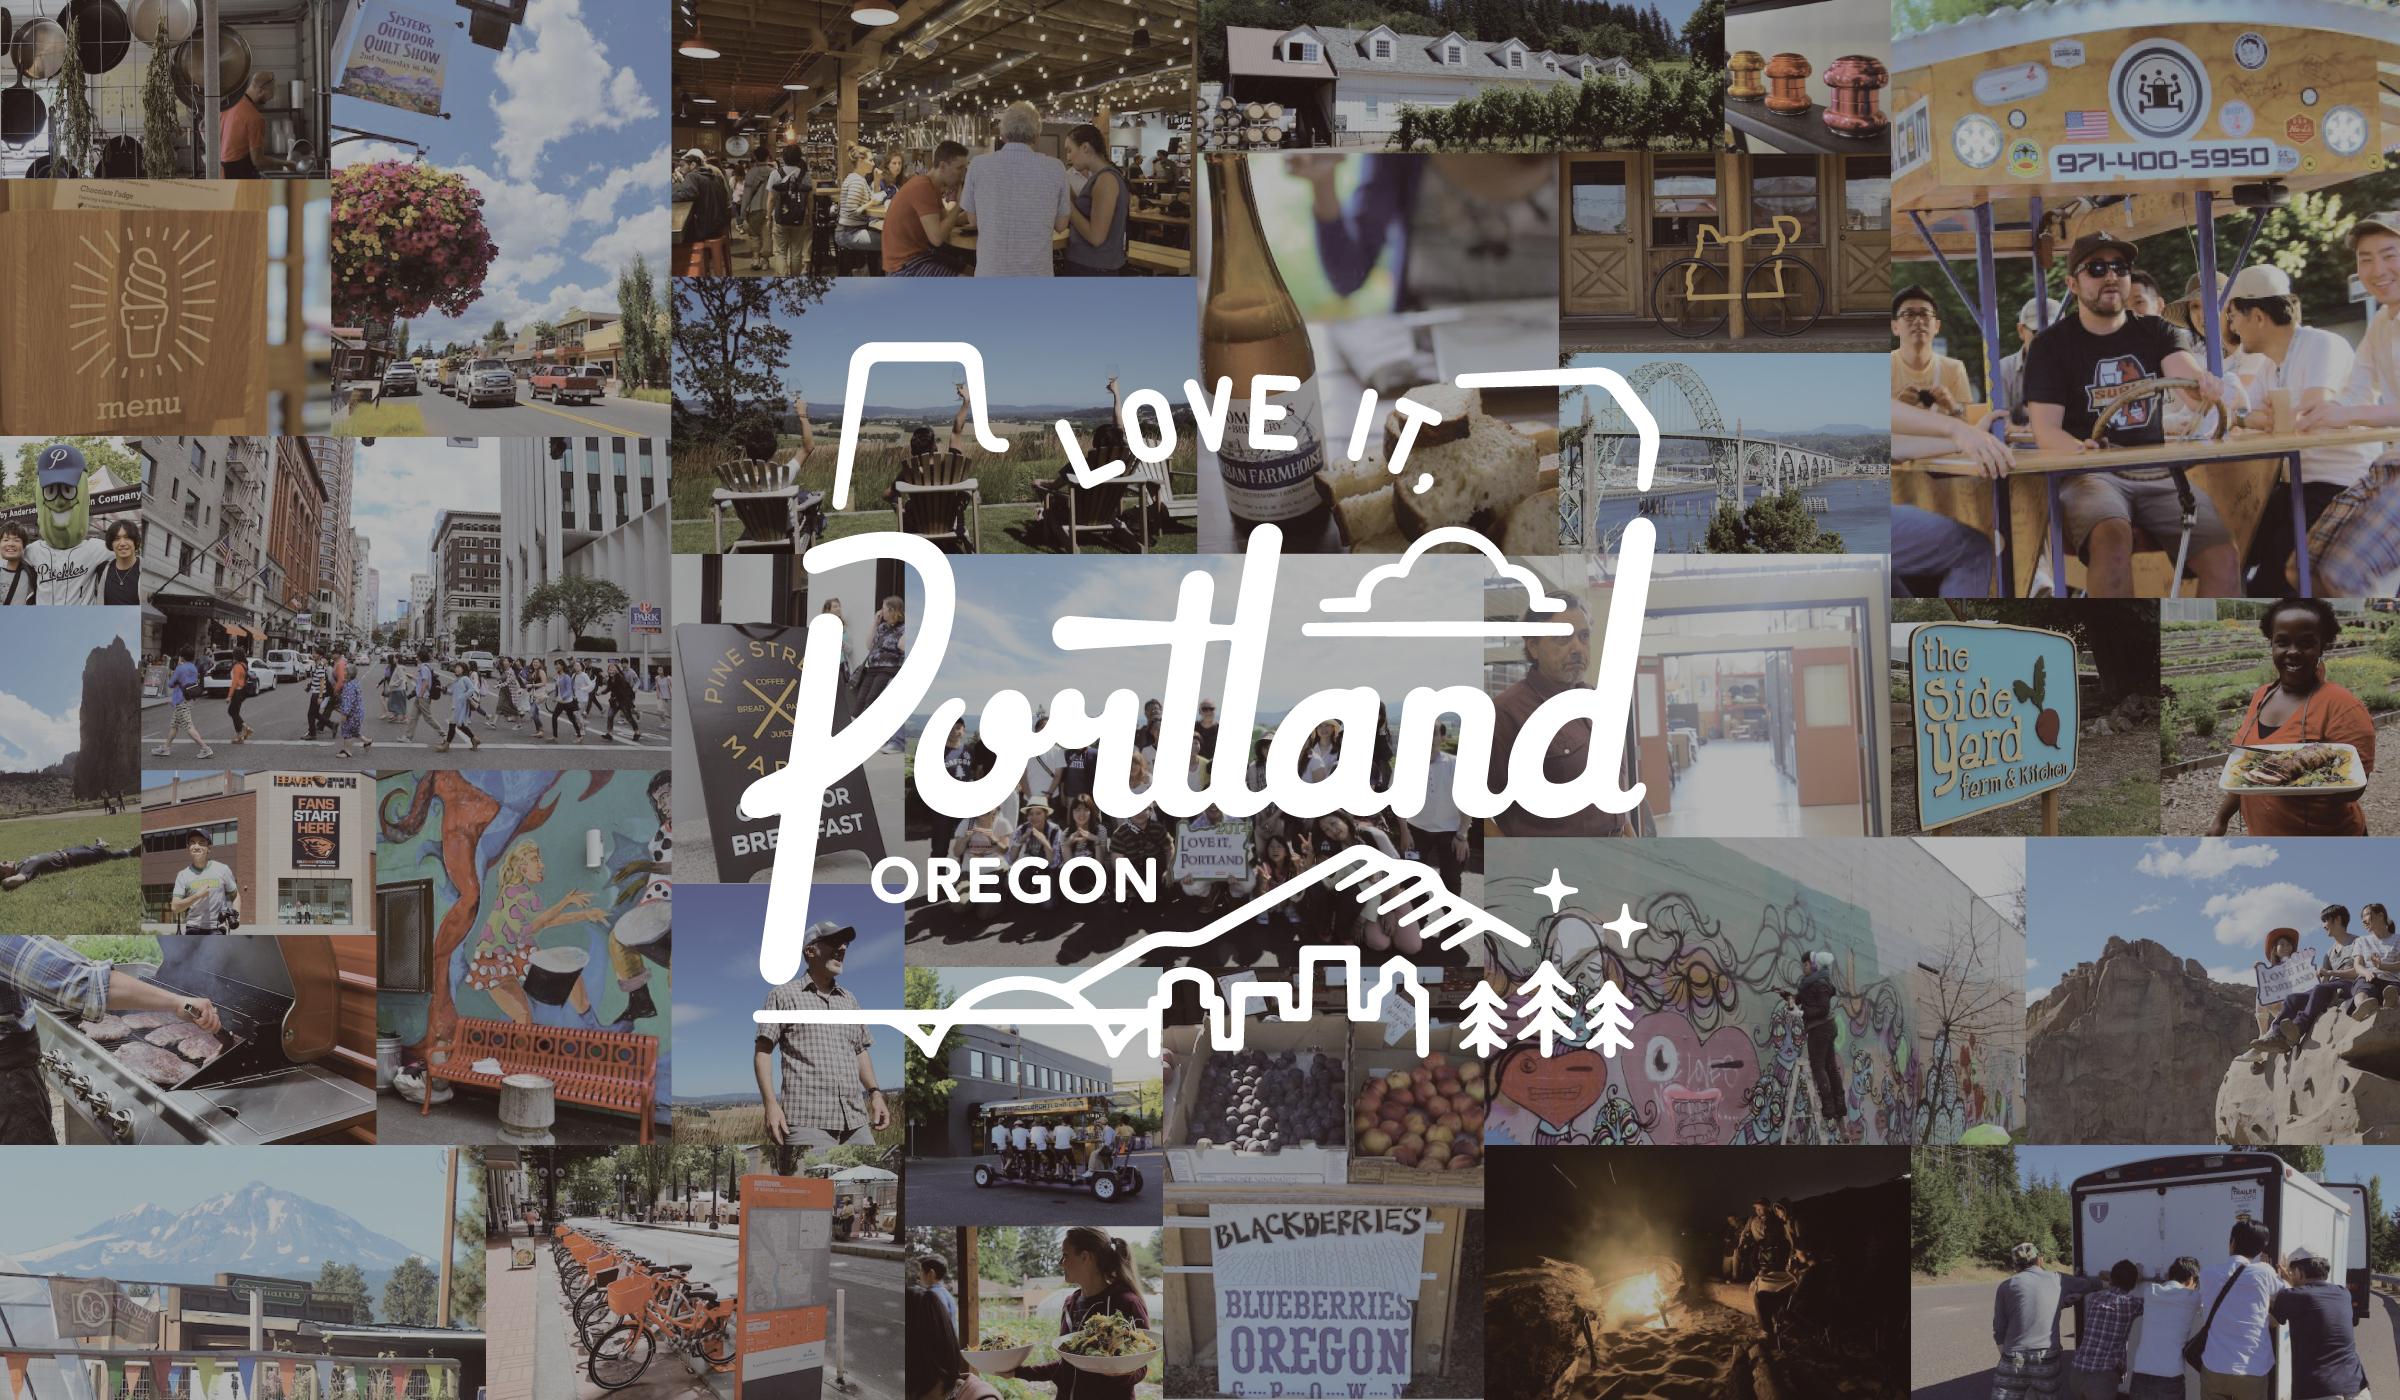 Love it, Portland-Oregon(ラブイット ポートランド-オレゴン)とは?